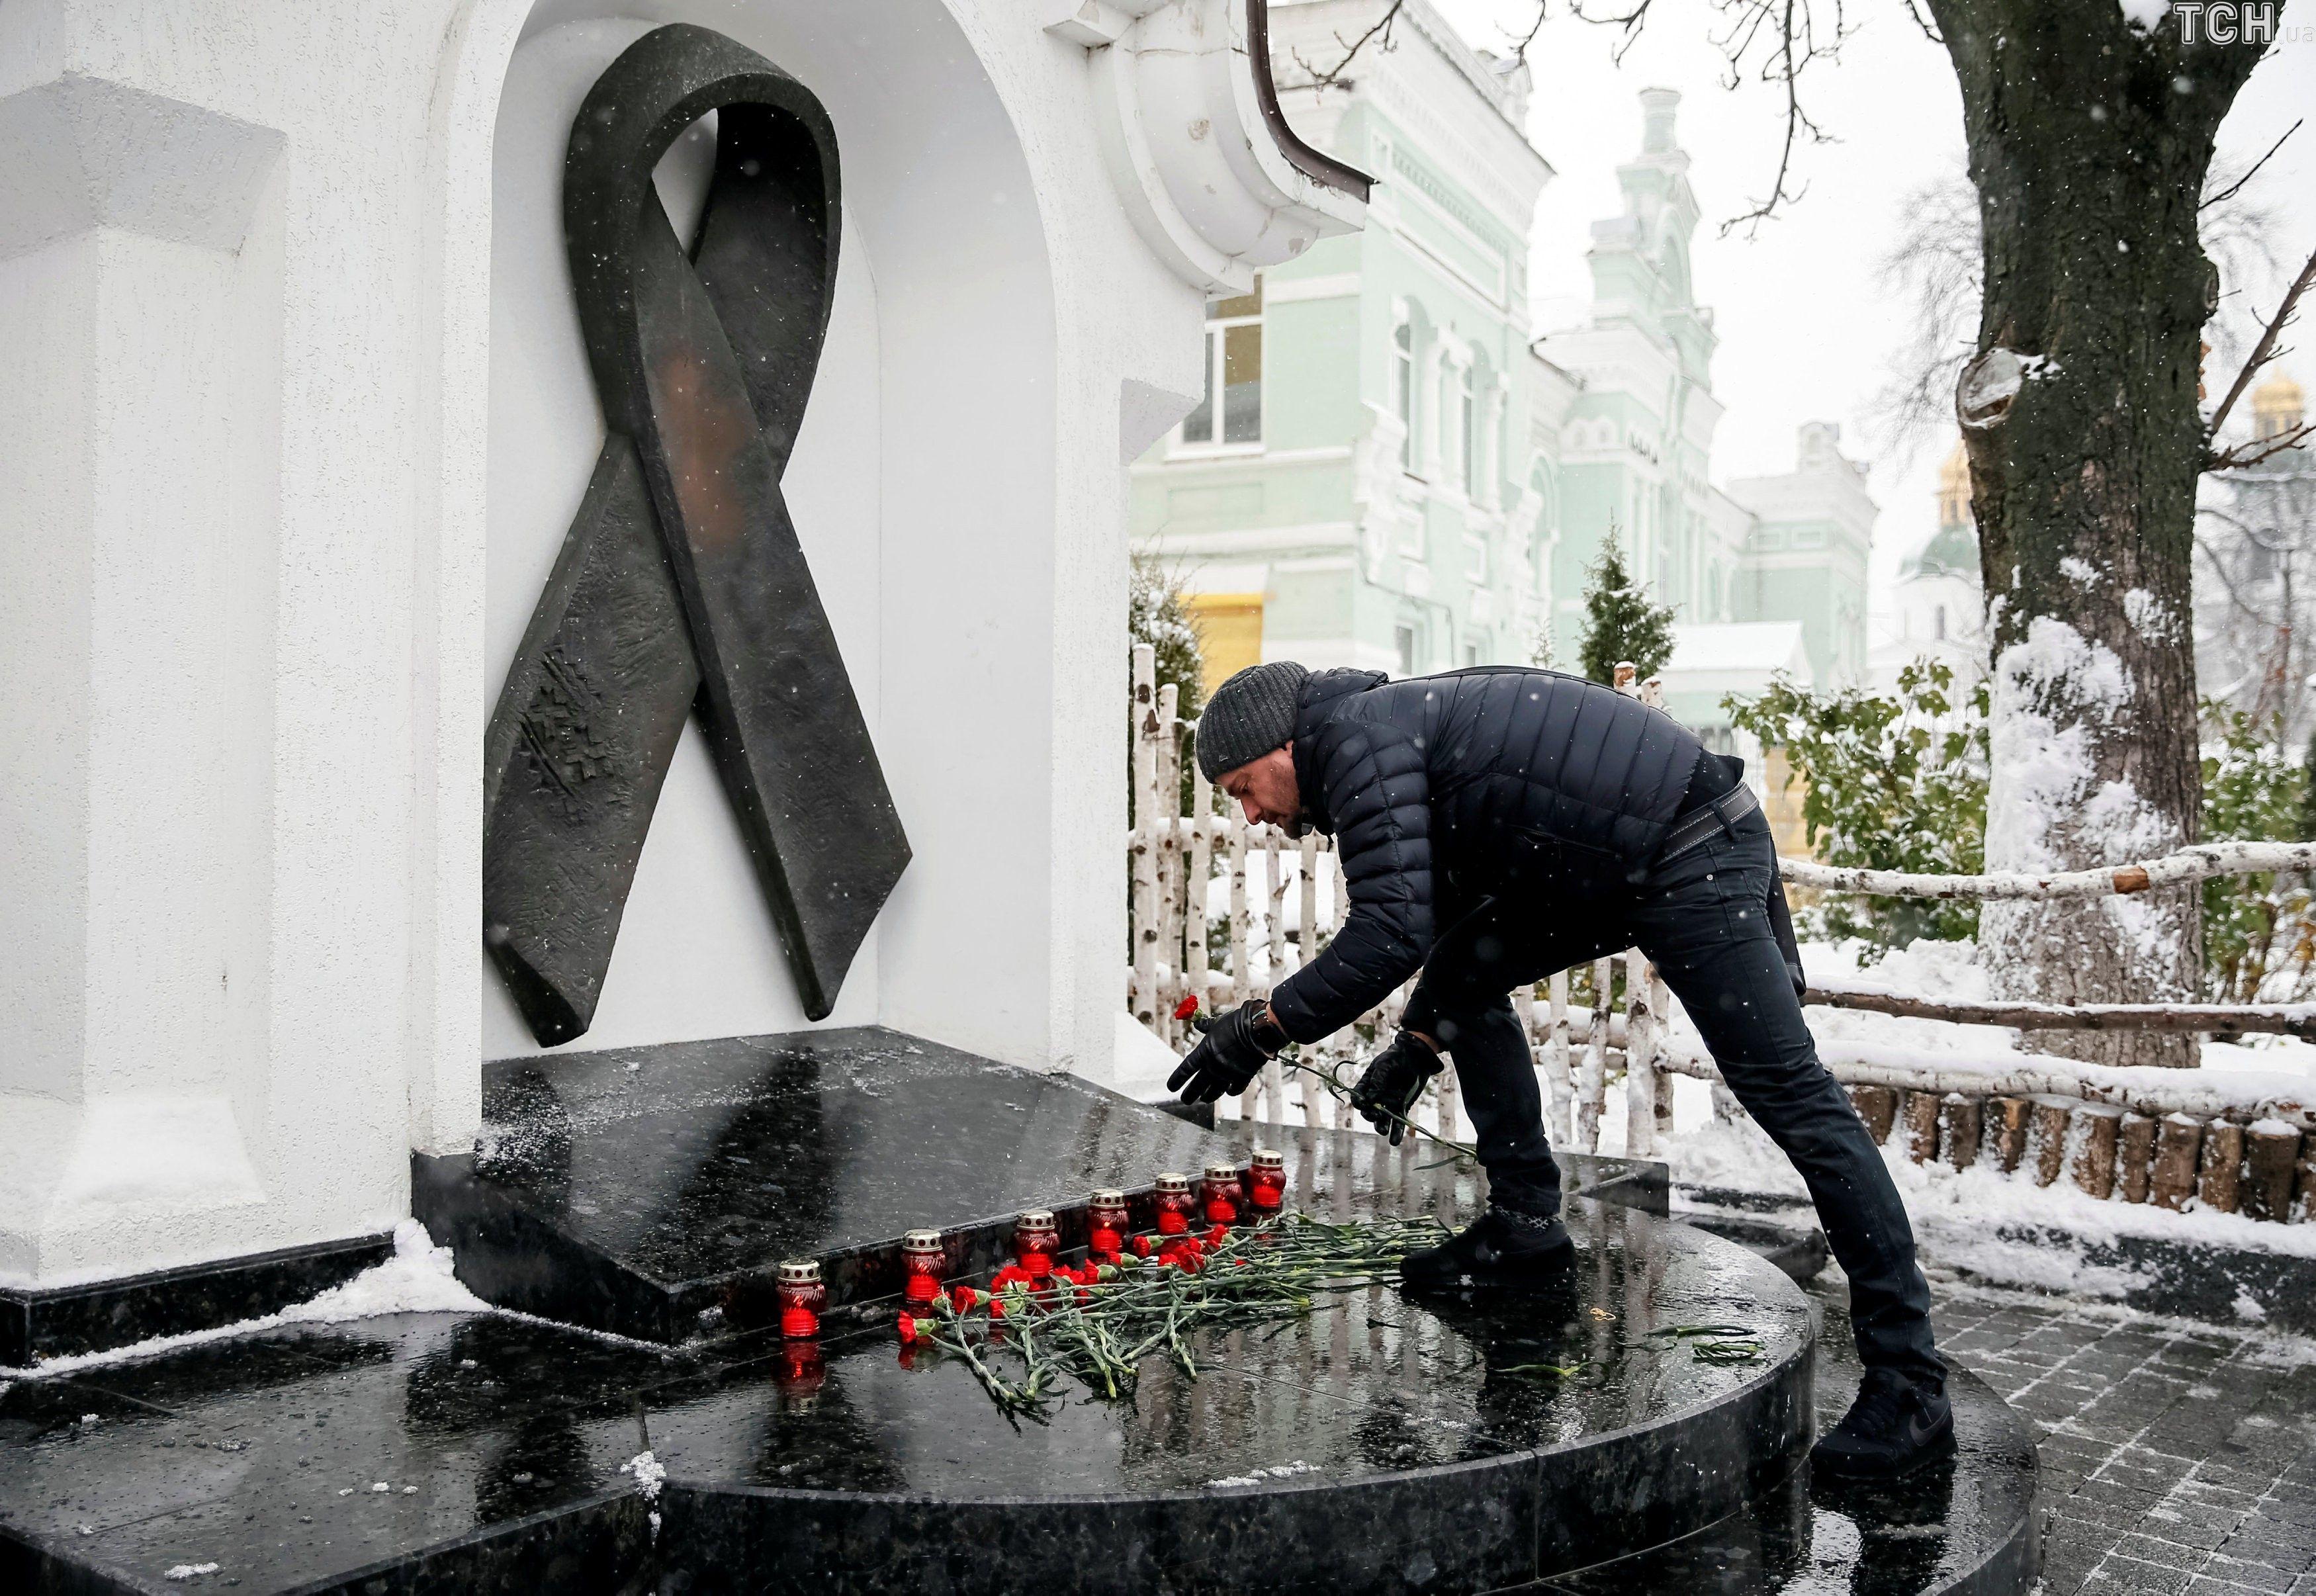 ВІЛ/СНІД, День боротьби зі СНІДом у Києві